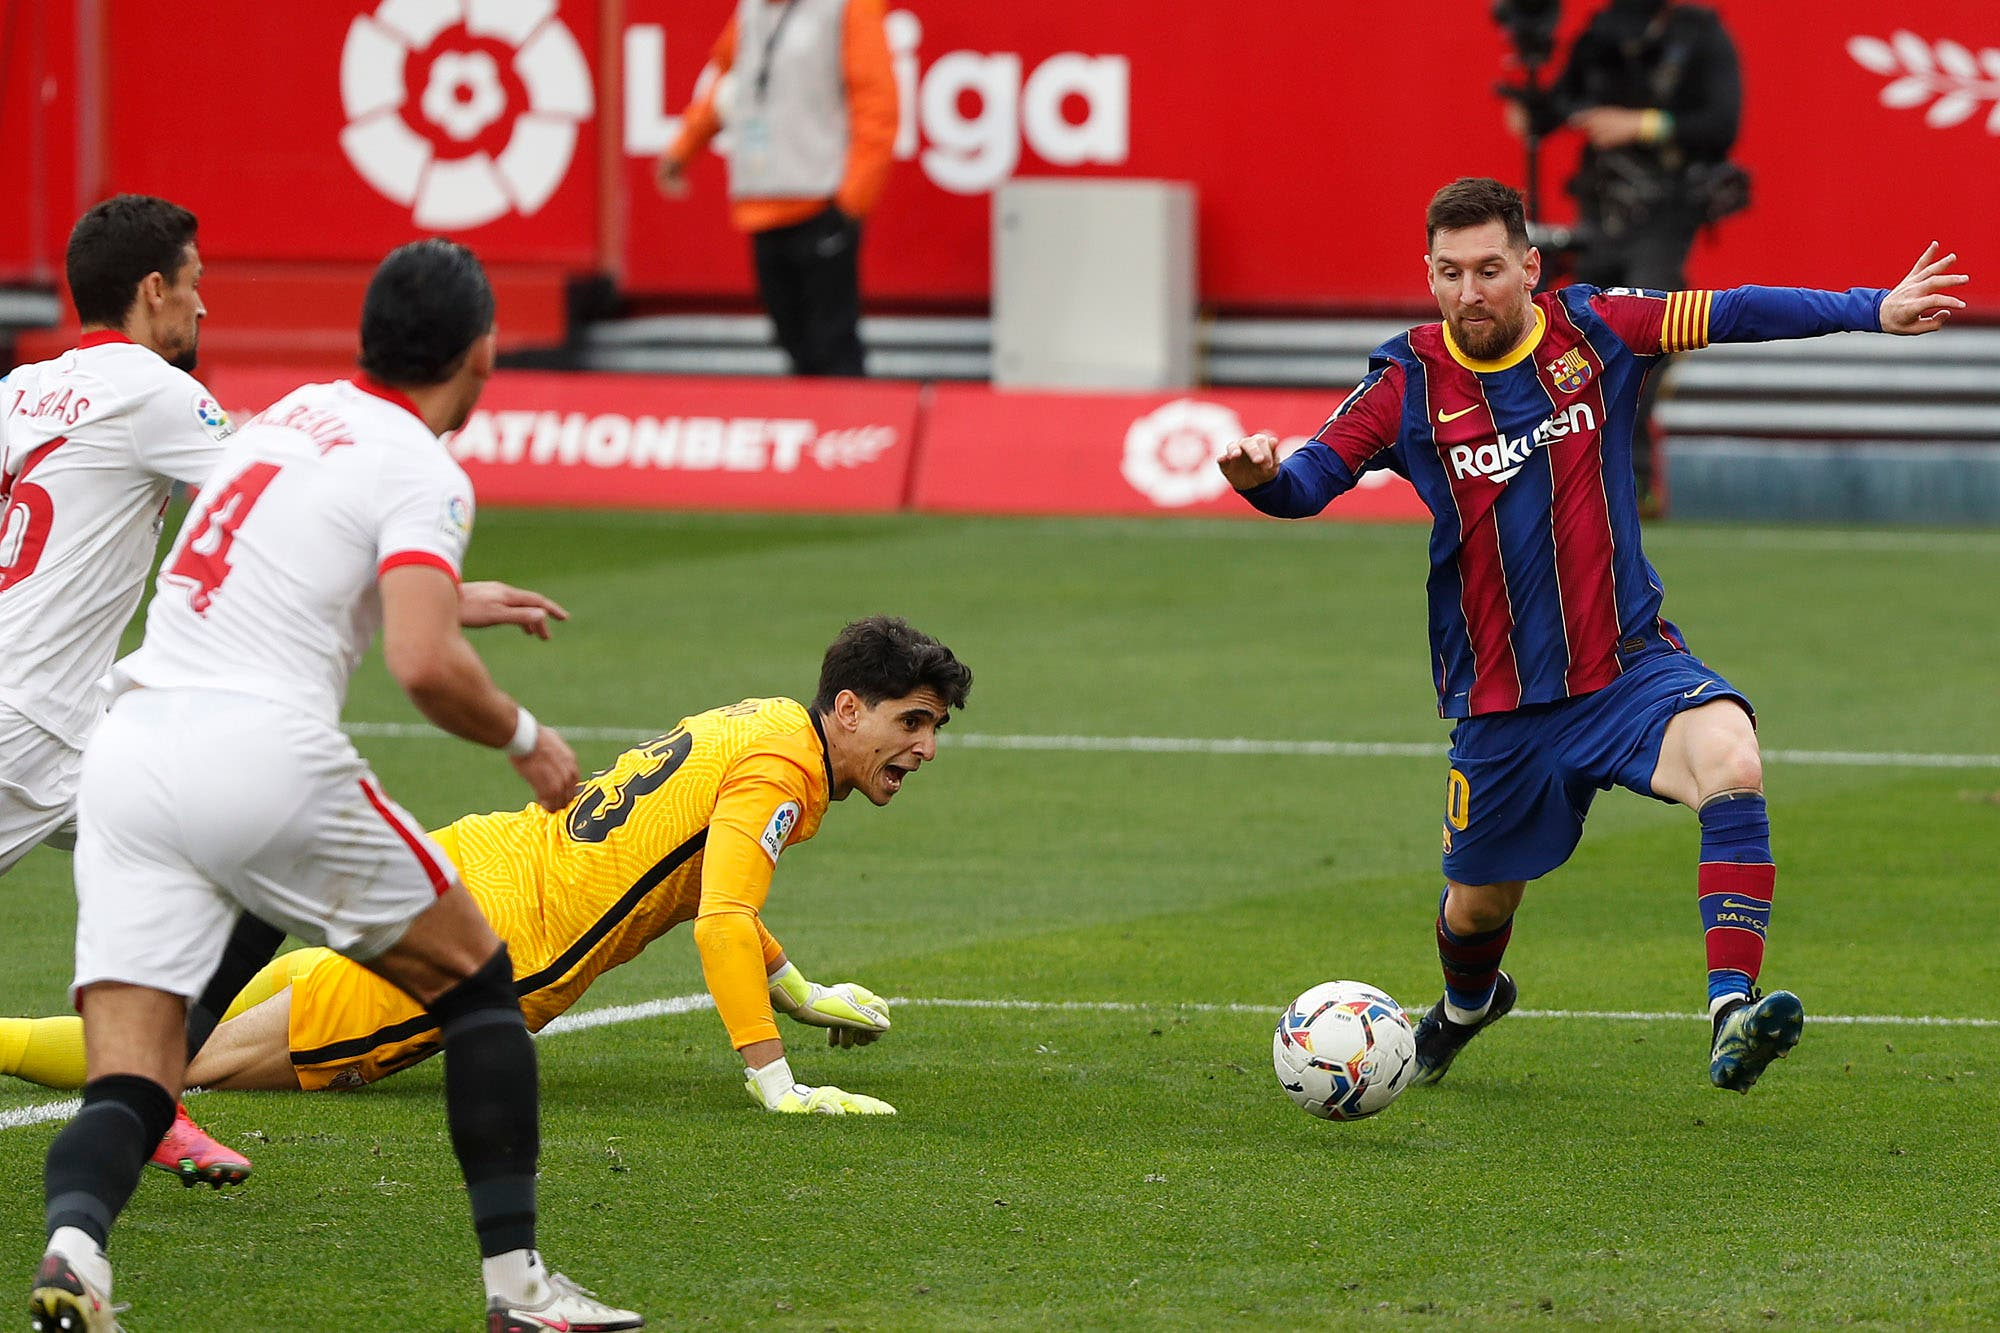 lionel-messi-sostiene-a-barcelona-en-la-liga-de-espana:-hace-mas-goles-que-la-suma-del-resto-de-los-delanteros